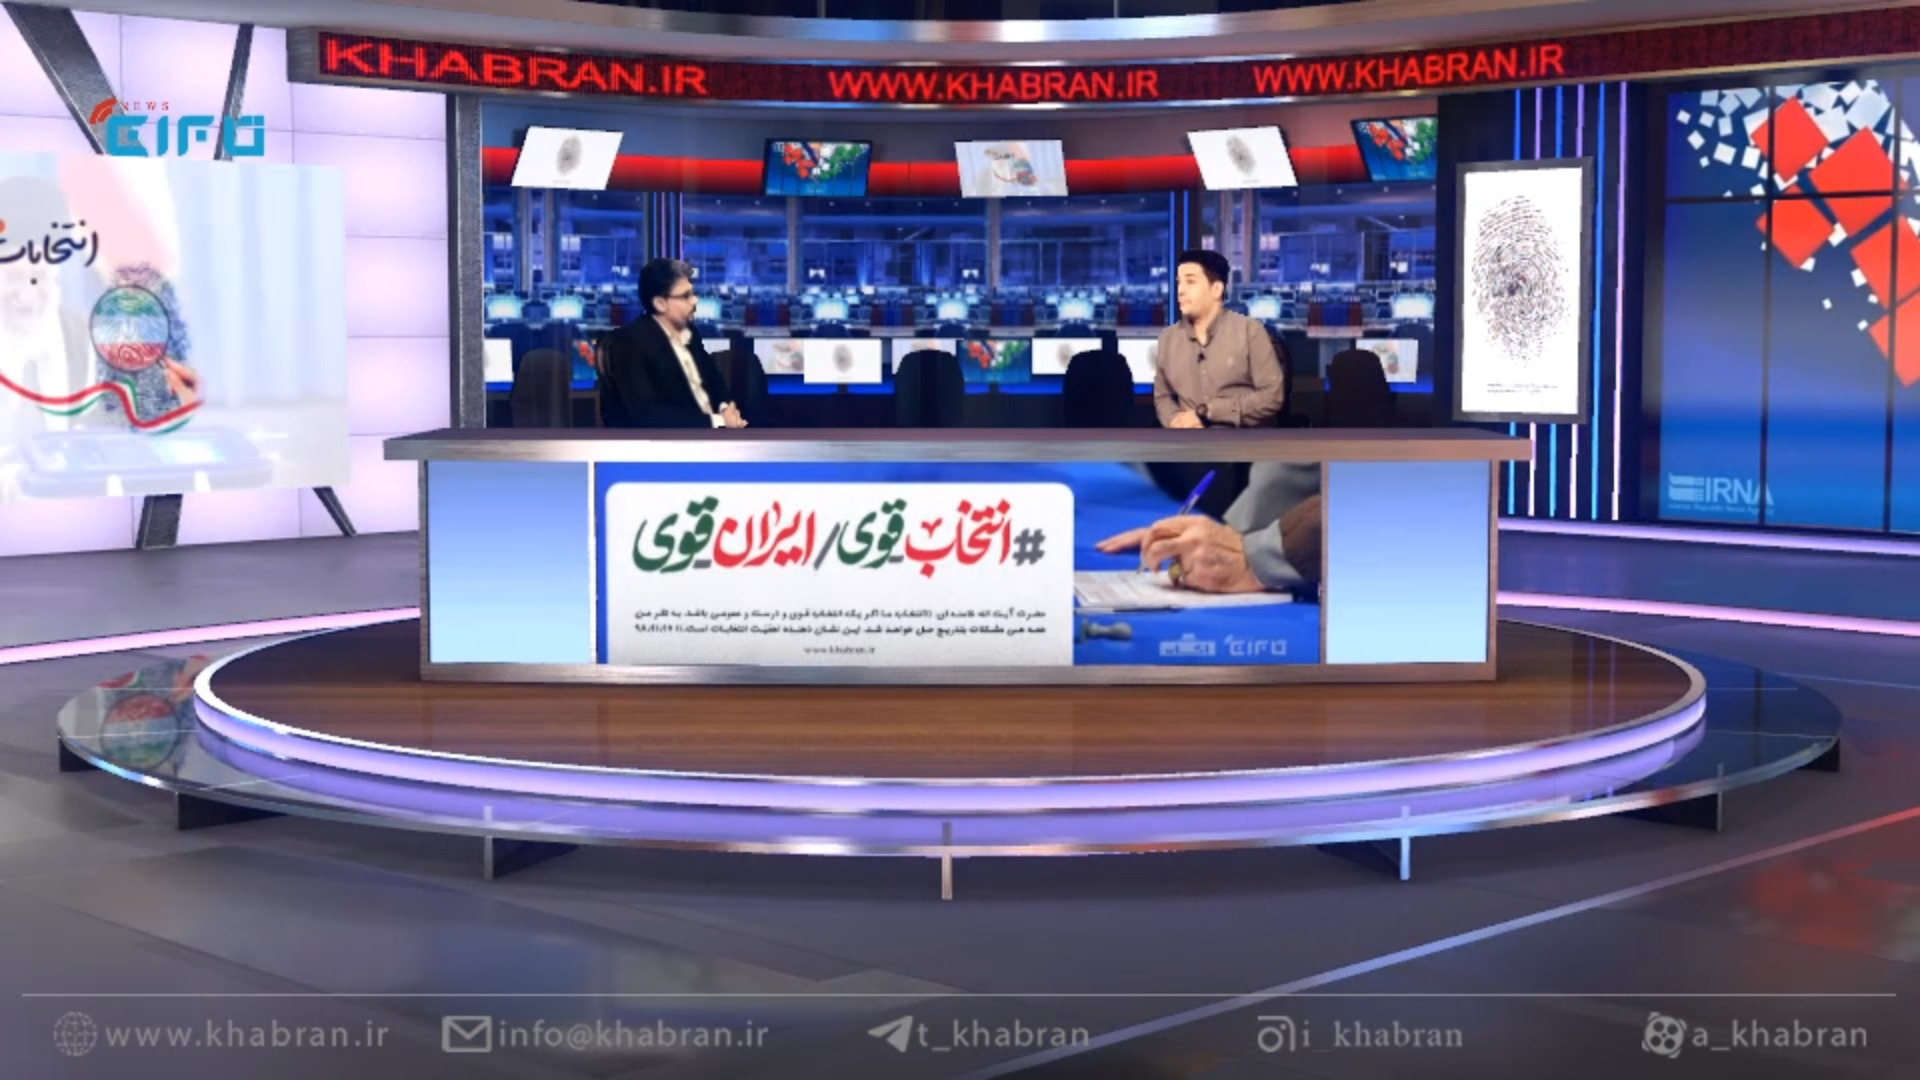 آگاه | قسمت هفتم – گفتگو با محسن صوفی،کاندیدای ششمین دوره انتخابات شورای شهر رامشیر